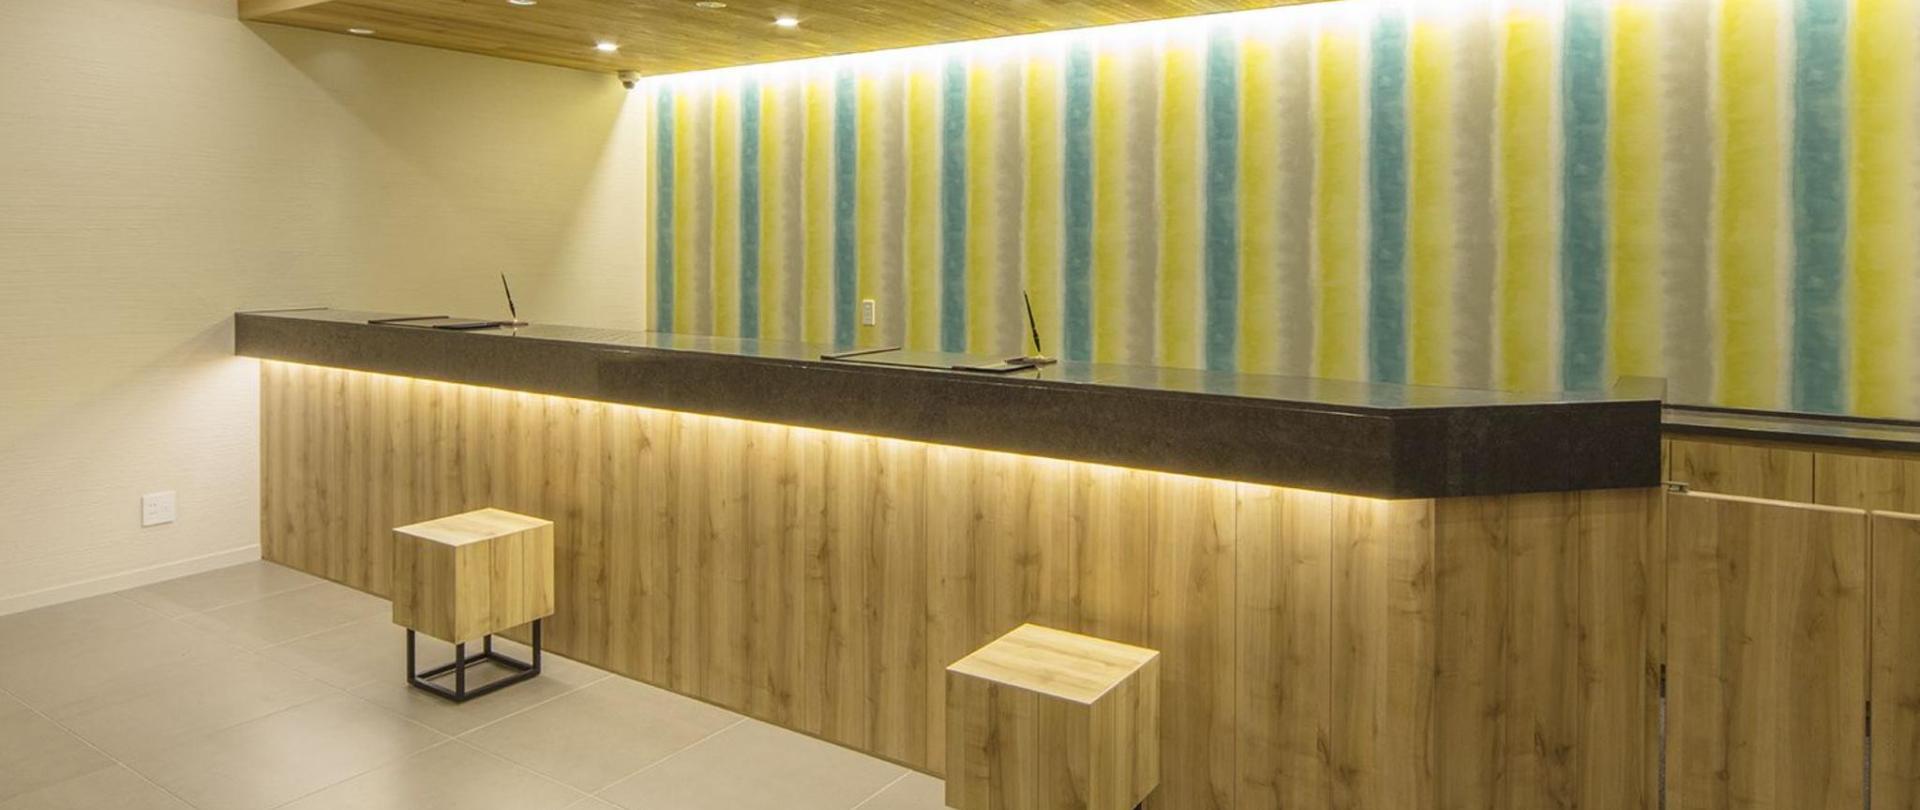 karasuma_front_01_facilities.jpg